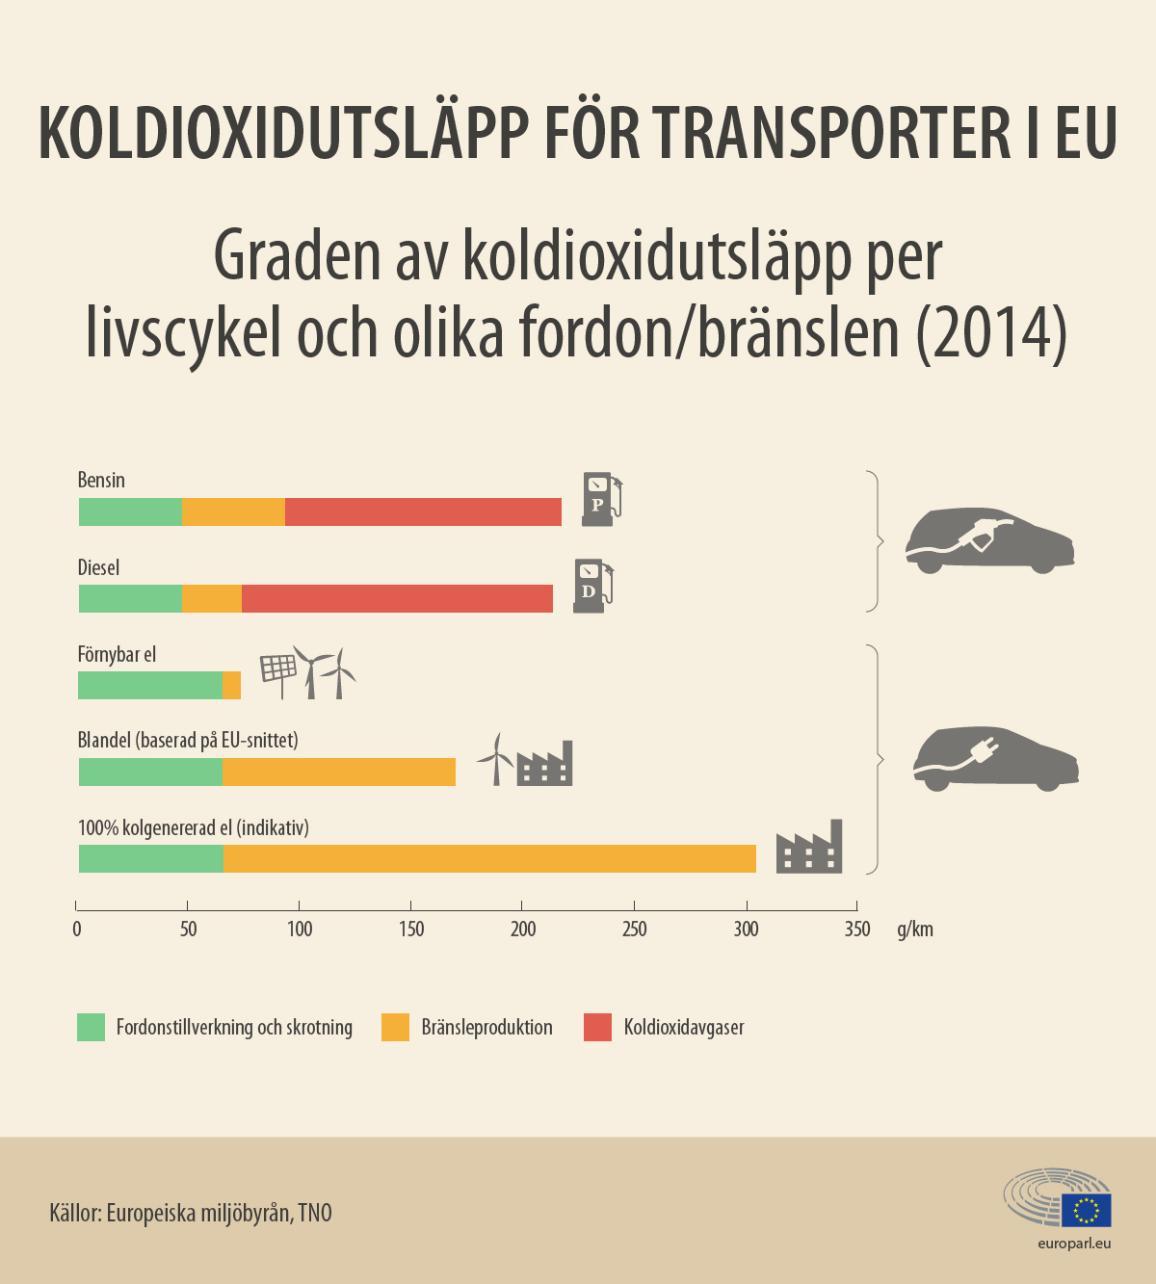 Nyhetsgrafik: Koldioxidutsläpp från bilar beroende på bränsletyp och för elbilar